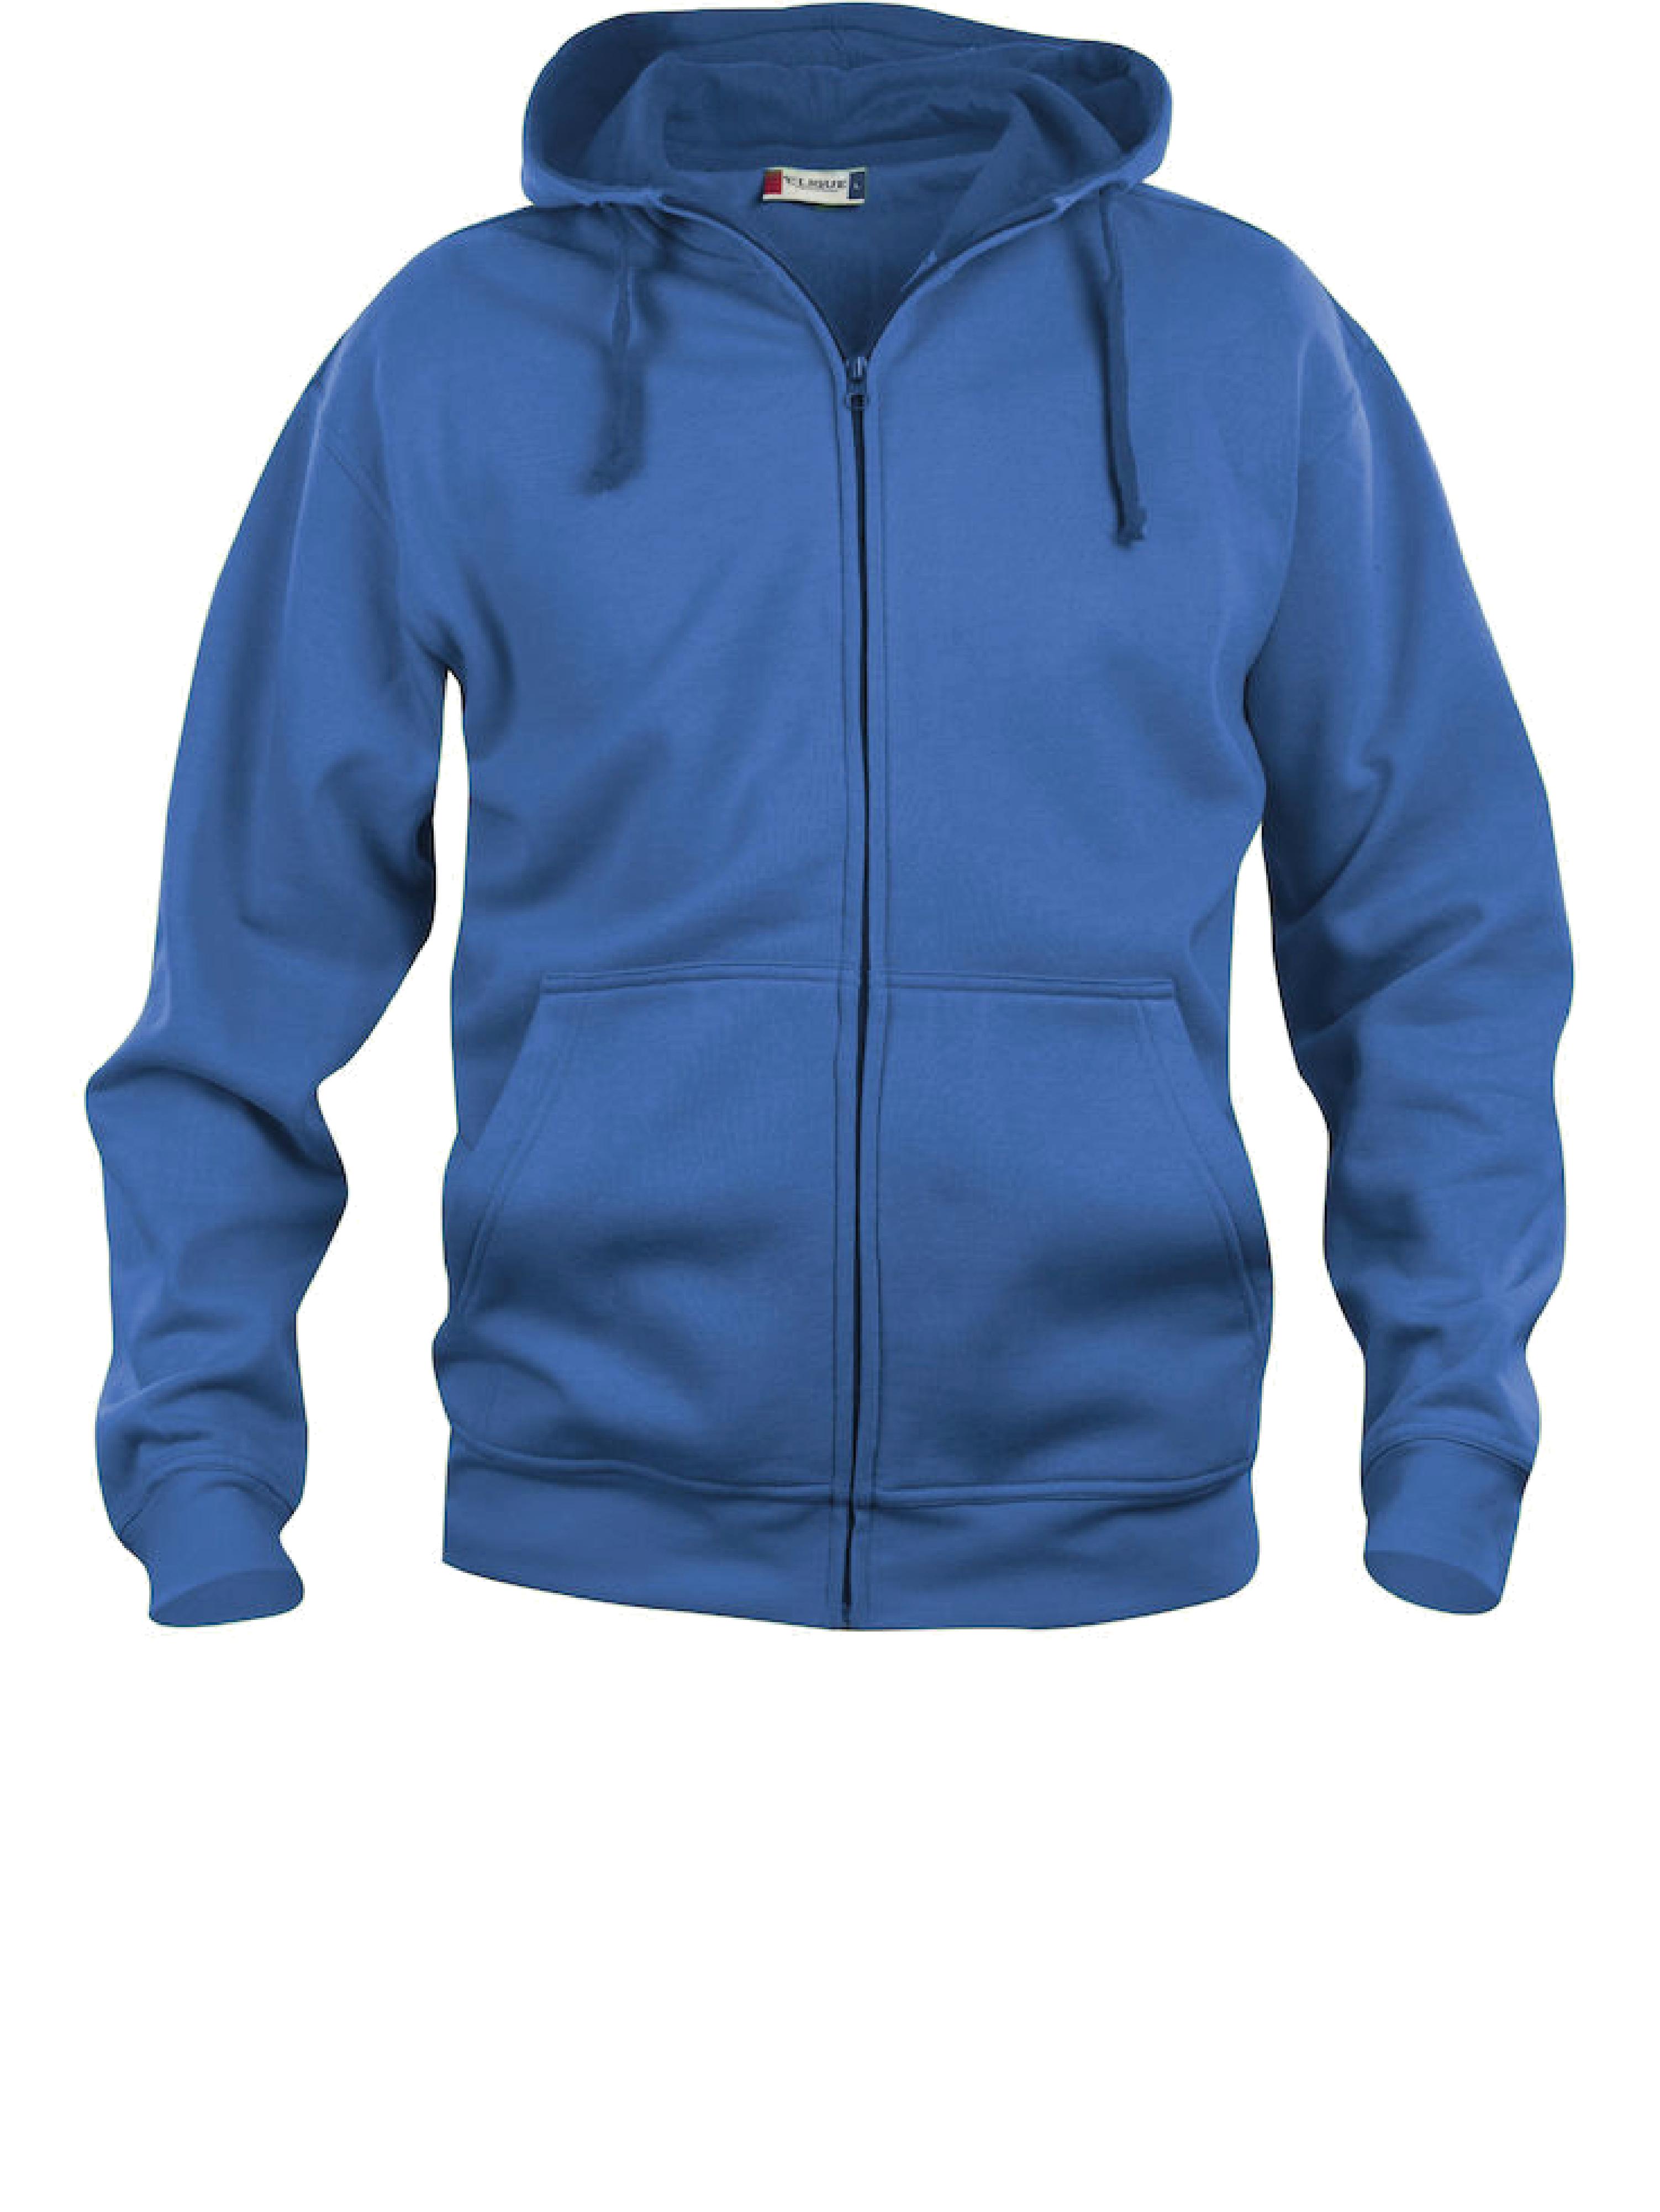 Zip blau-01.png